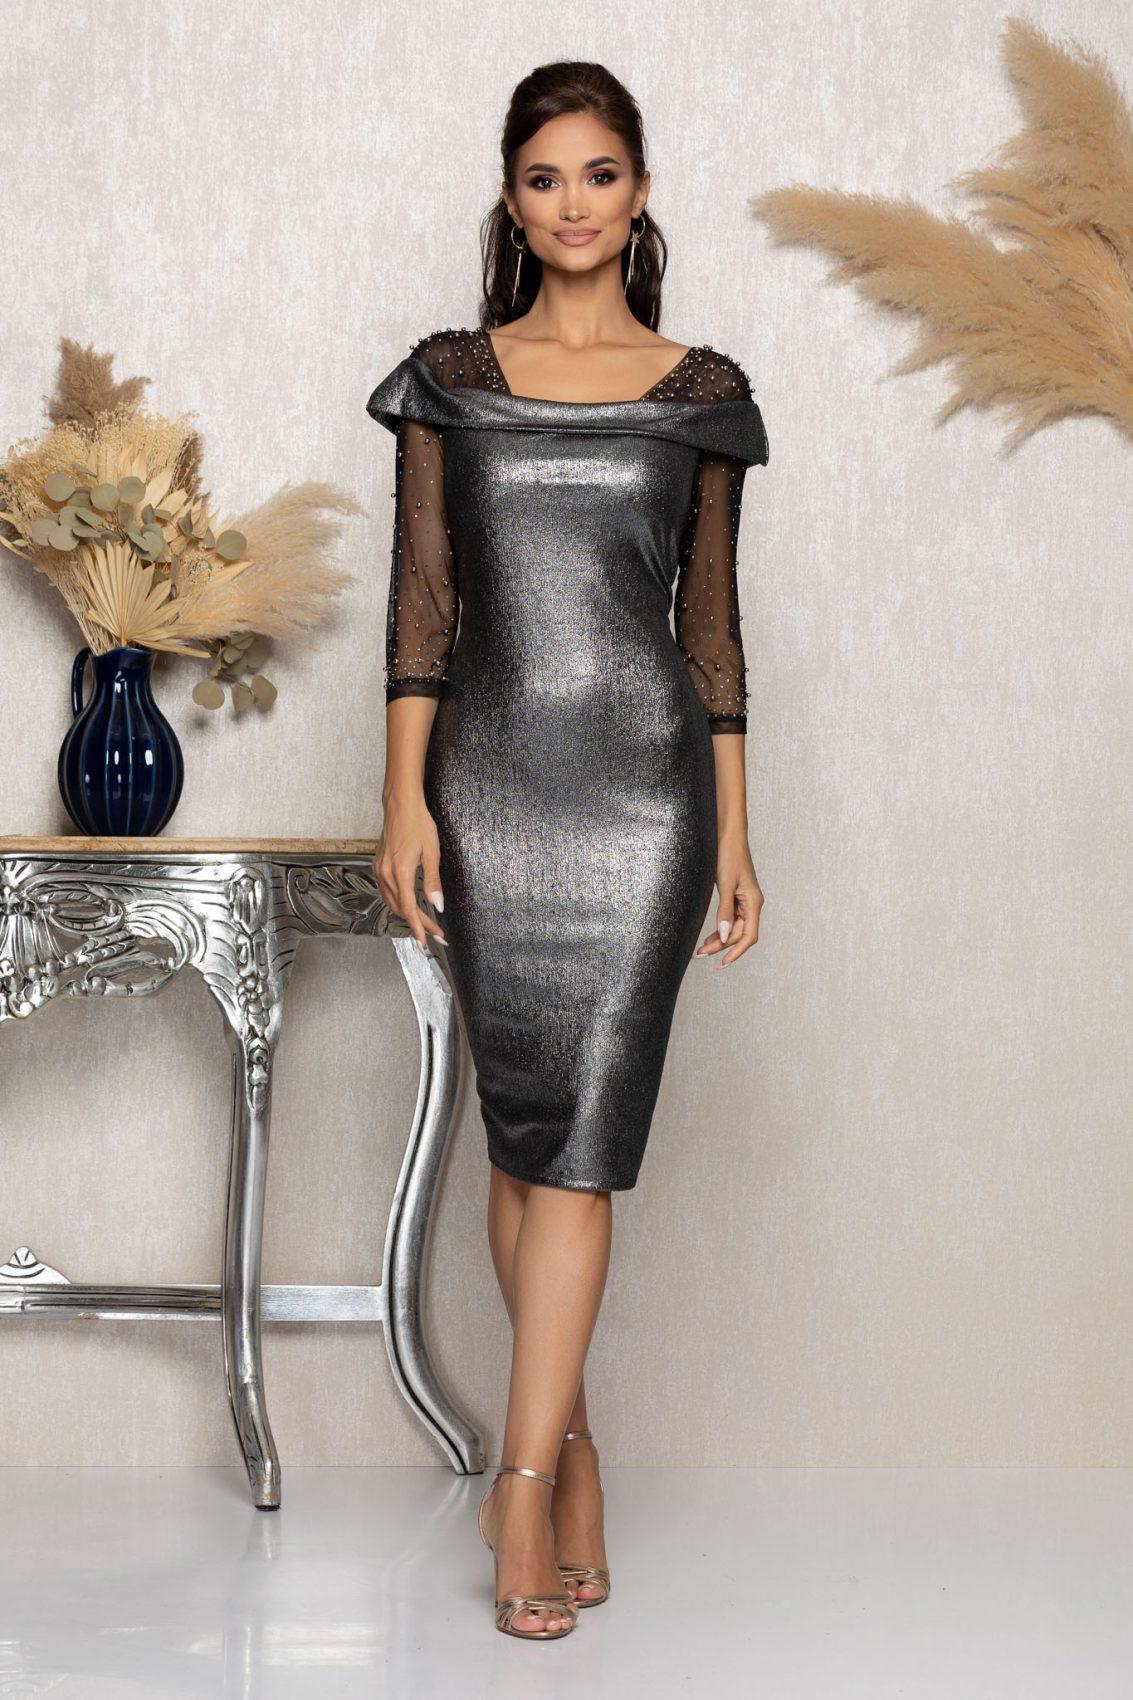 Γκρι Μίντι Βραδινό Φόρεμα Με Πέρλες Maddie A975 1